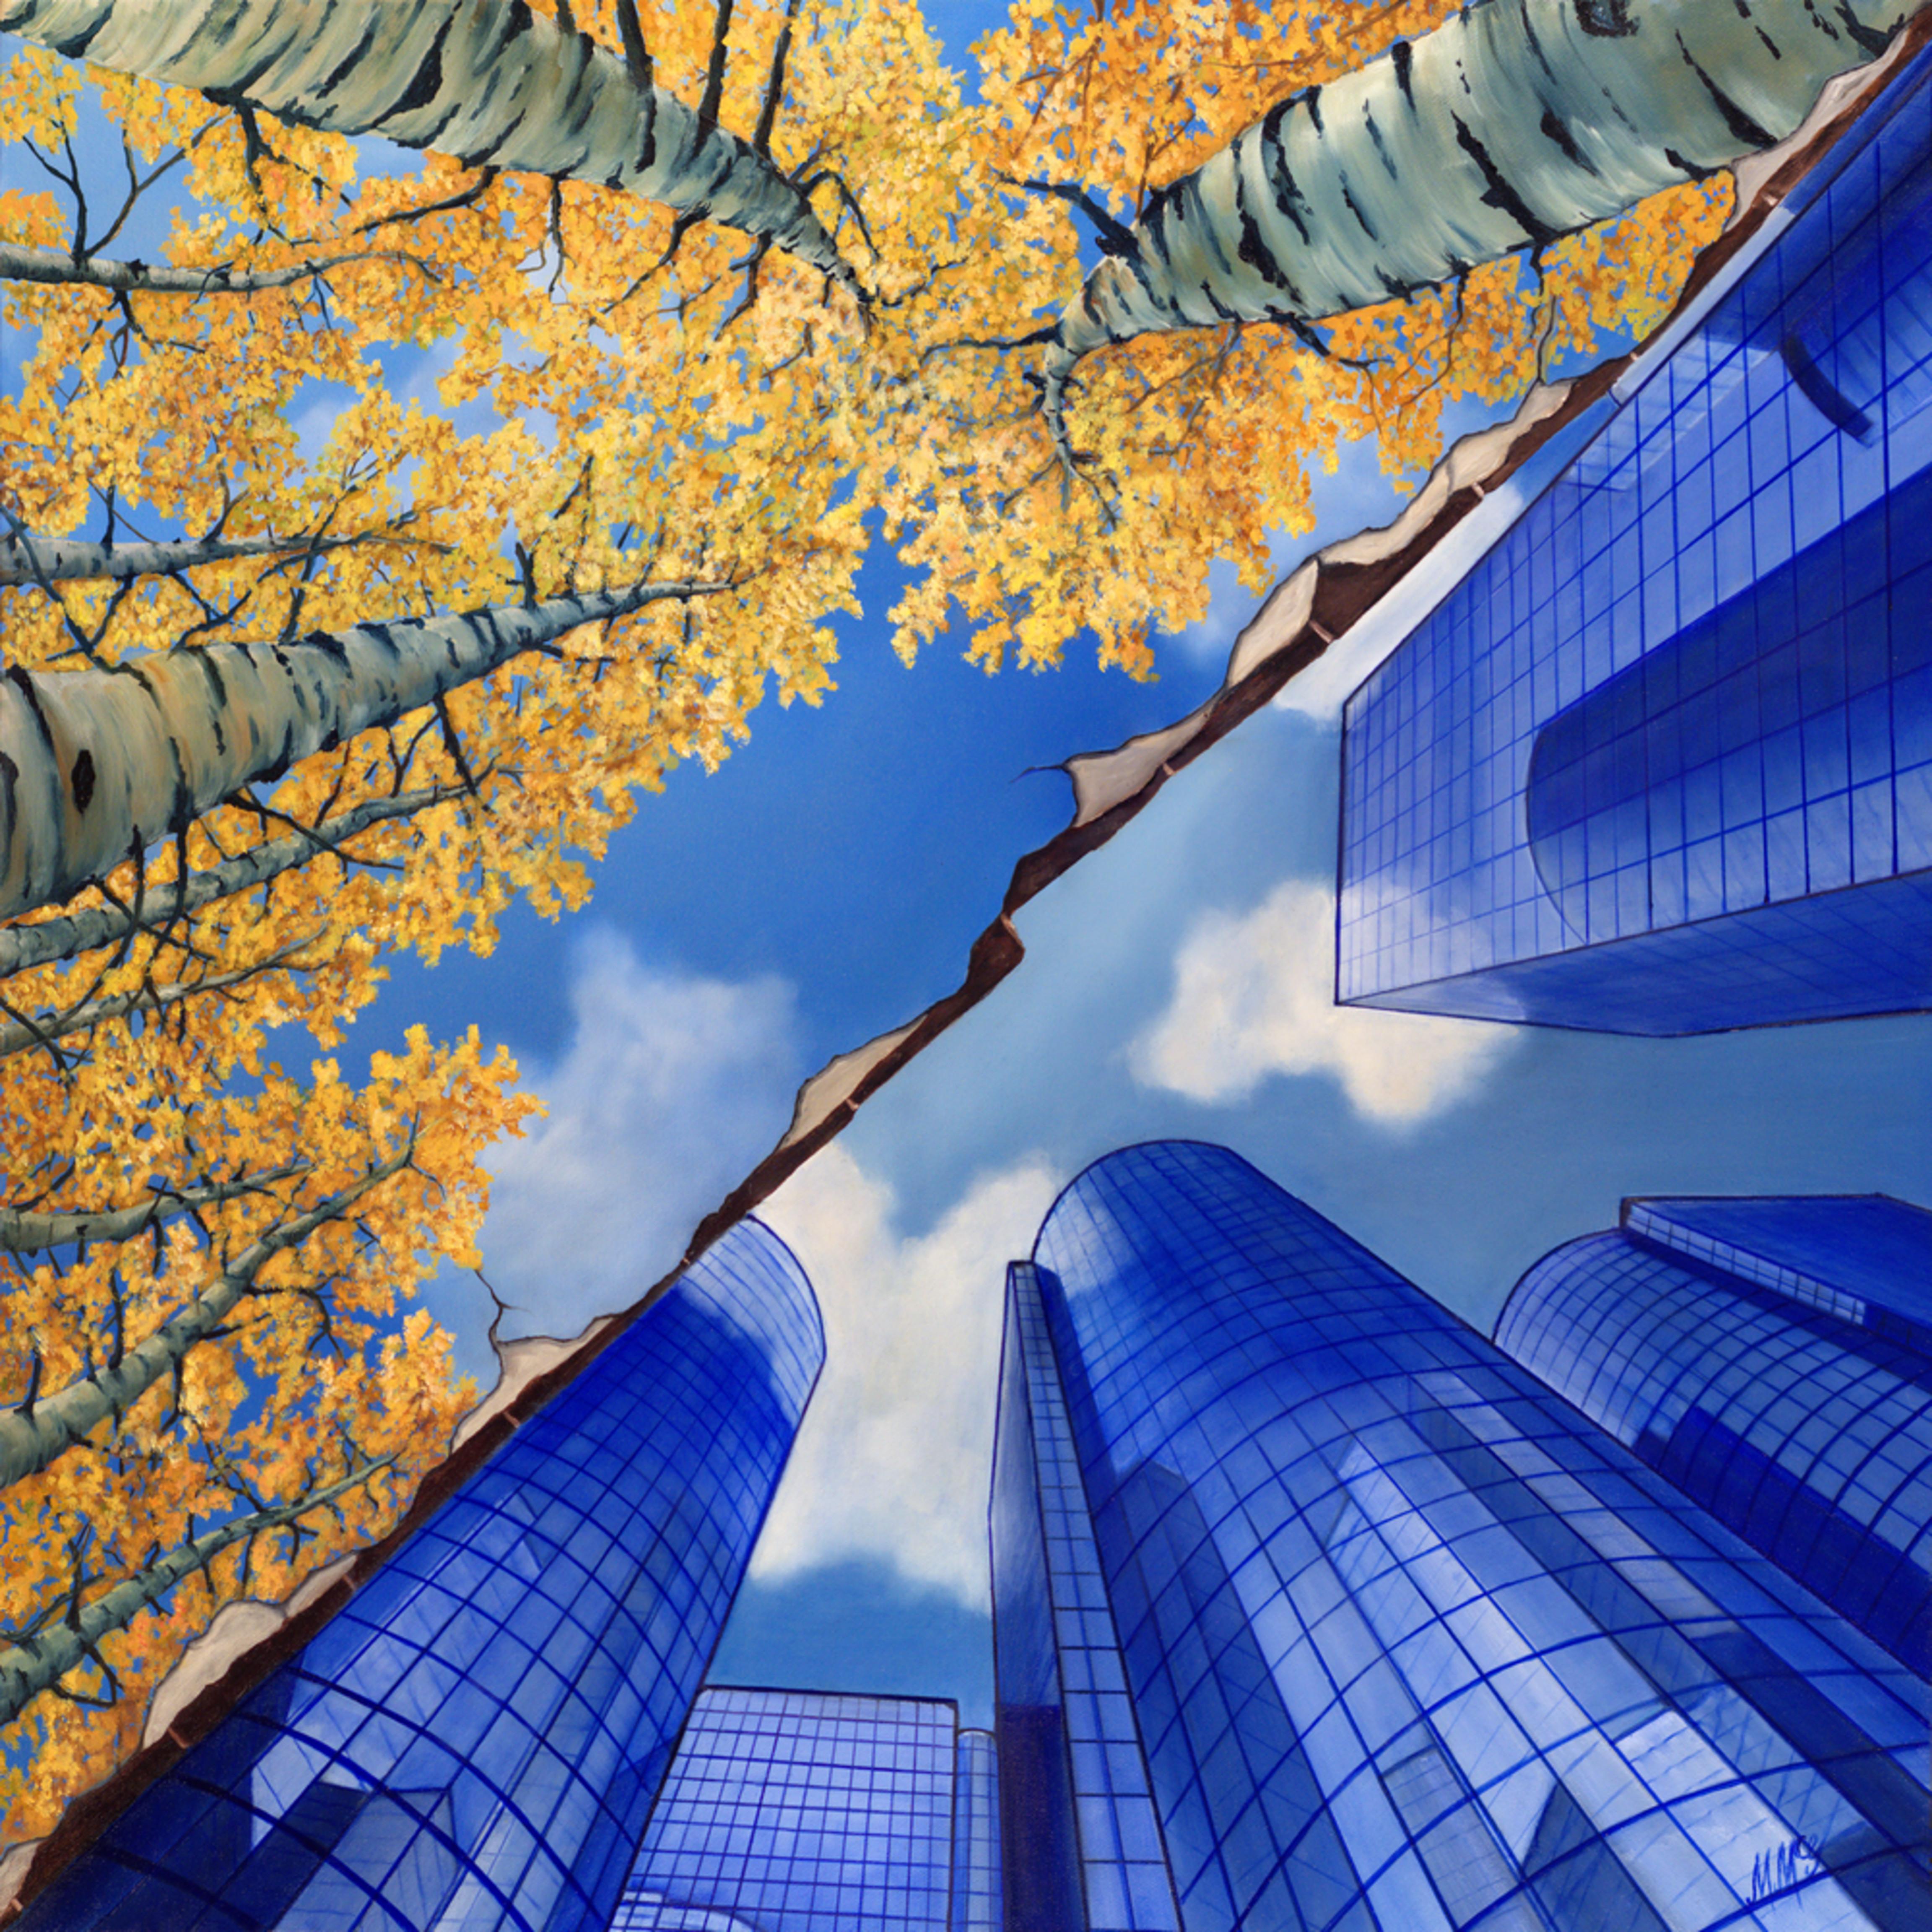 Daydream skyward full b bpipre